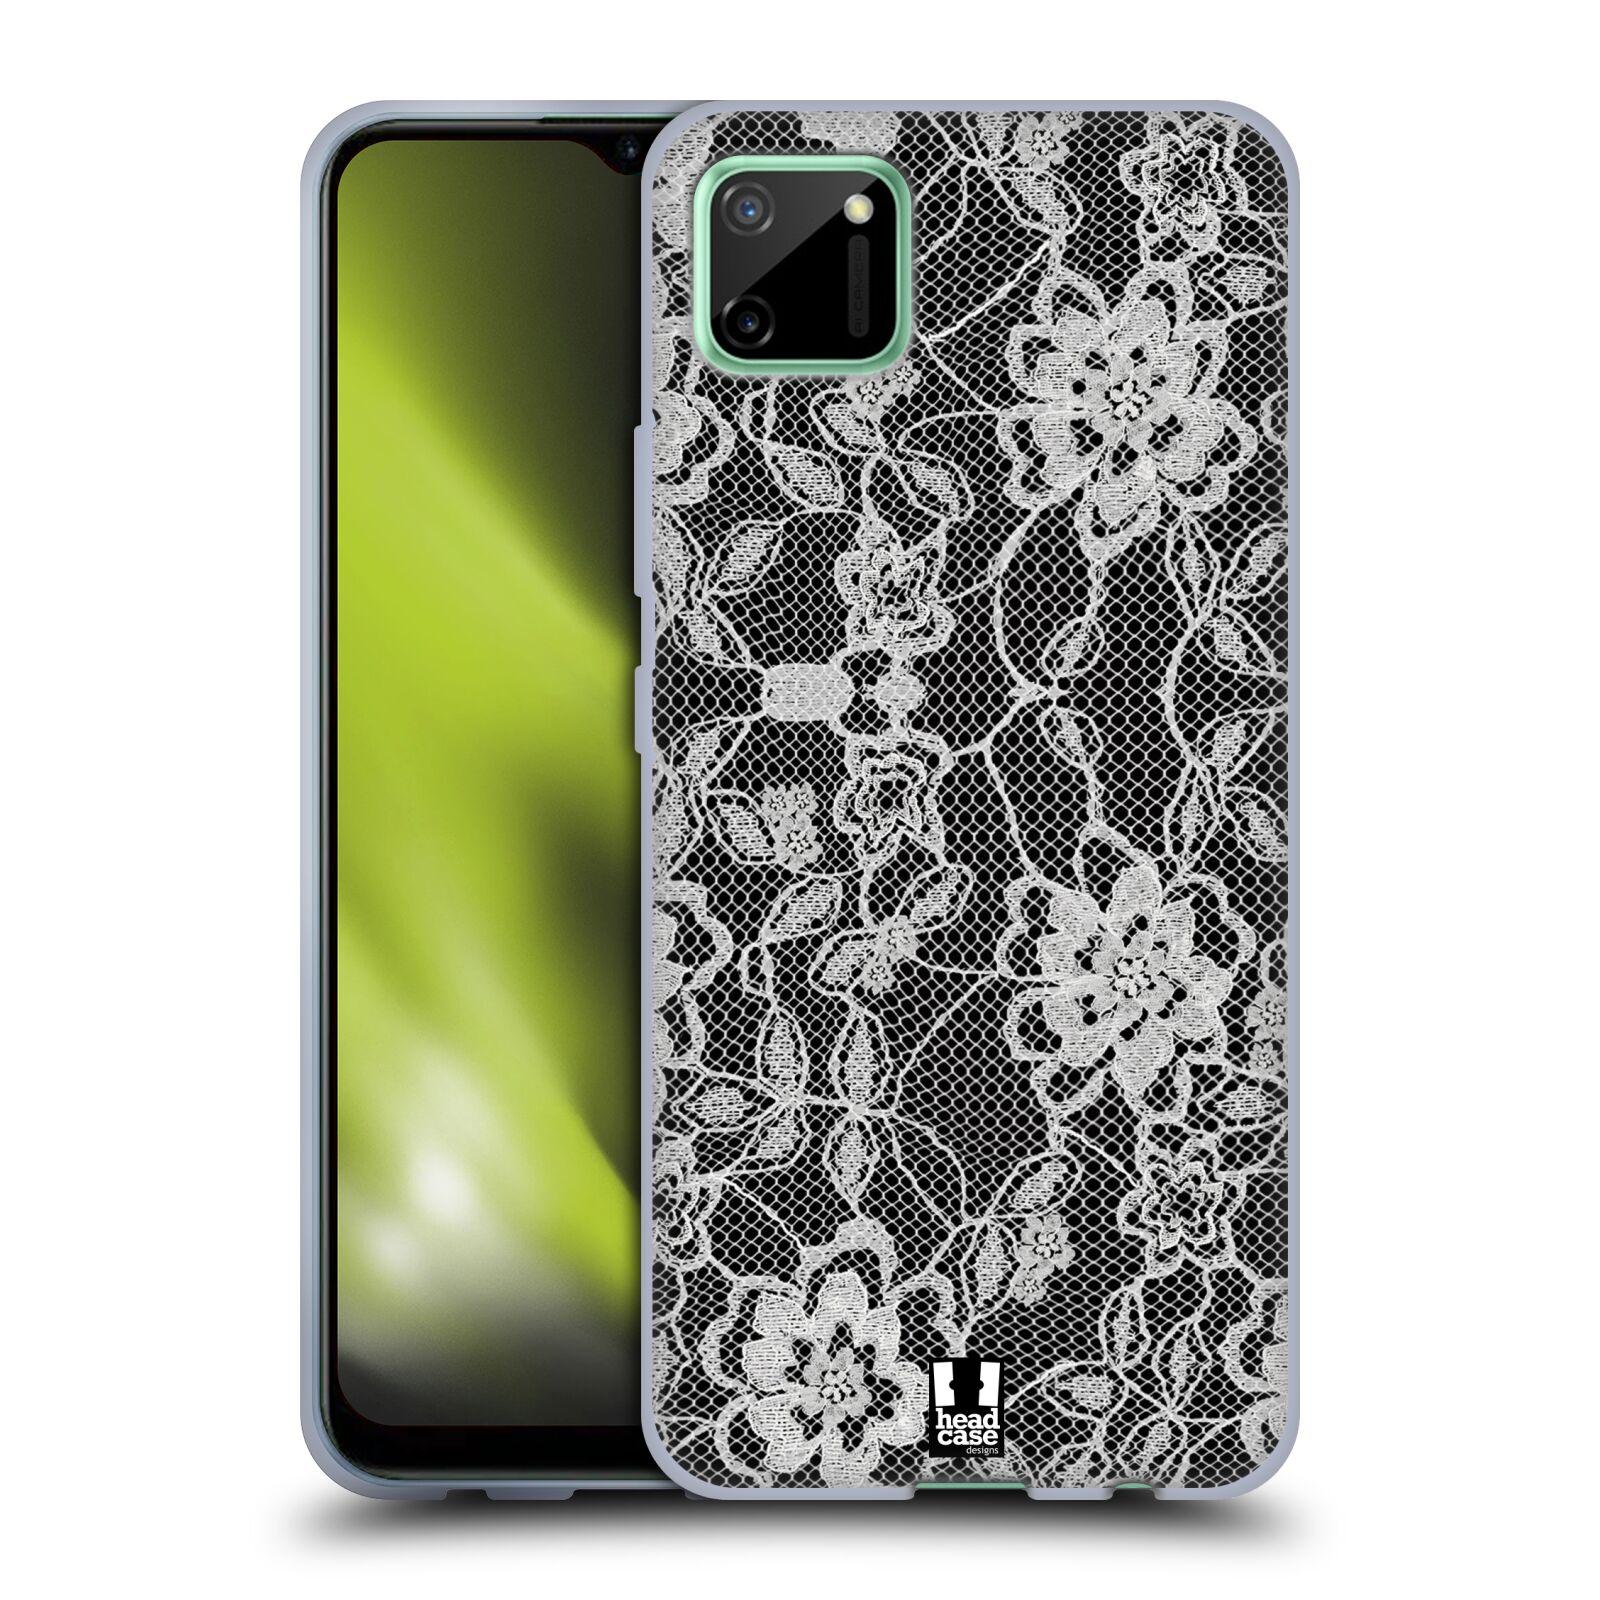 Silikonové pouzdro na mobil Realme C11 - Head Case - FLOWERY KRAJKA